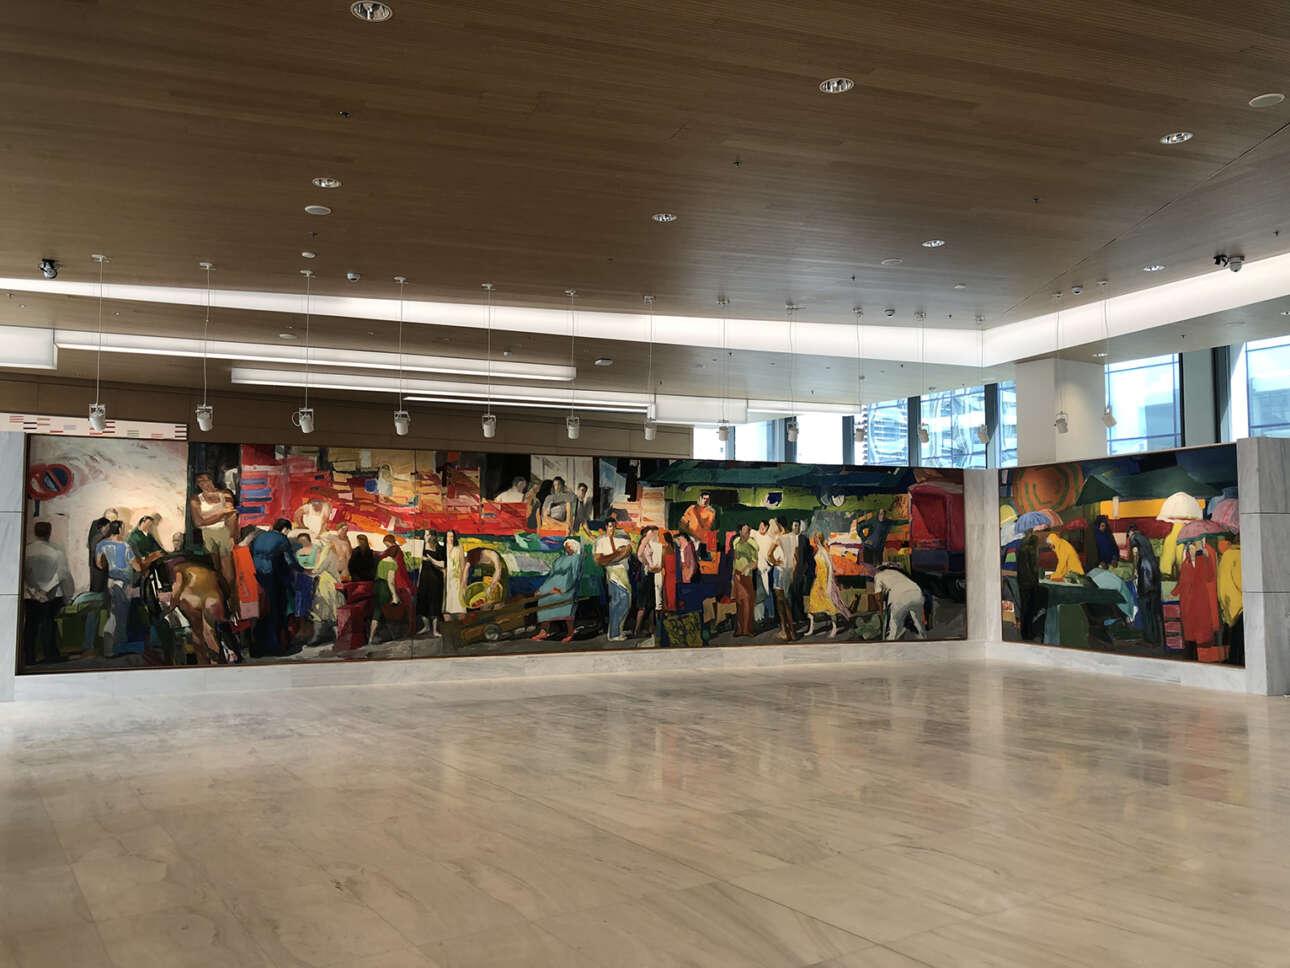 Η πολύπτυχη, μνημειακή «Λαϊκή Αγορά» του Παναγιώτη Τέτση υποδέχεται τους επισκέπτες στο φουαγιέ